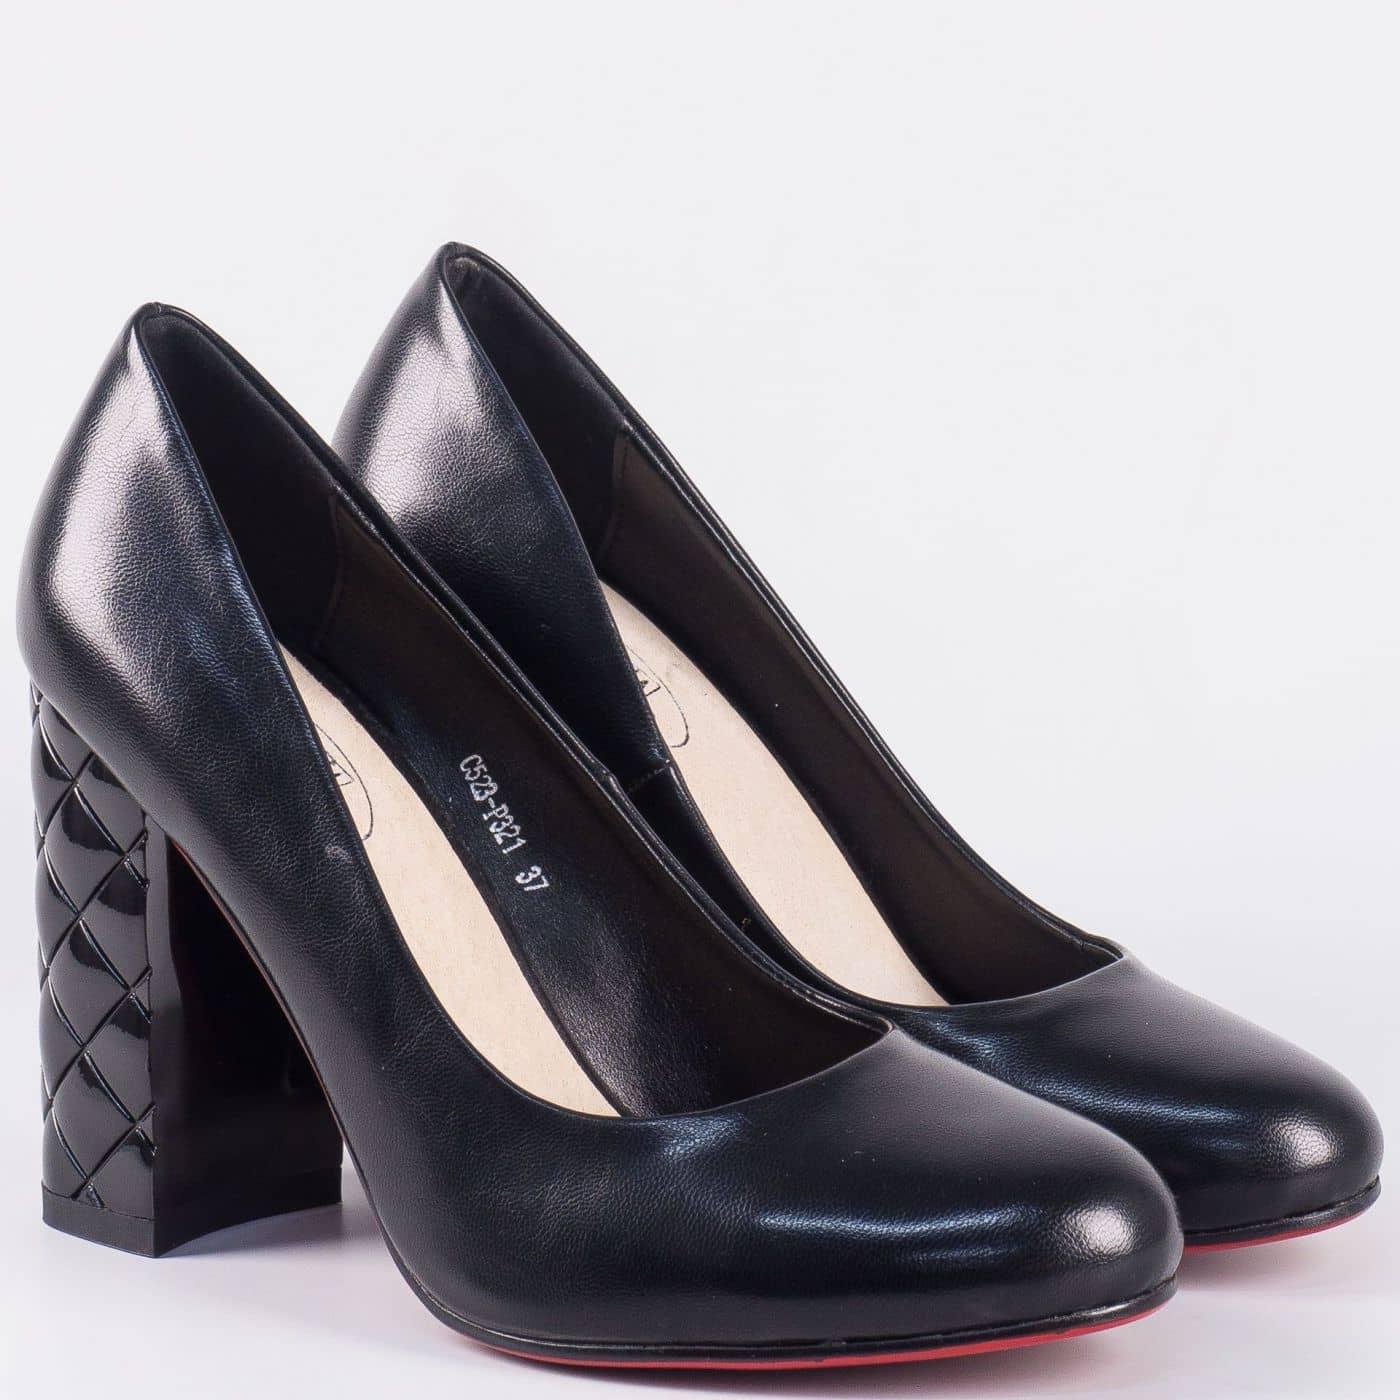 9f6af146607 Актуални дамски обувки на ефектен висок ток- Eliza в черен цвят 523321ch -  Sisi-bg.com